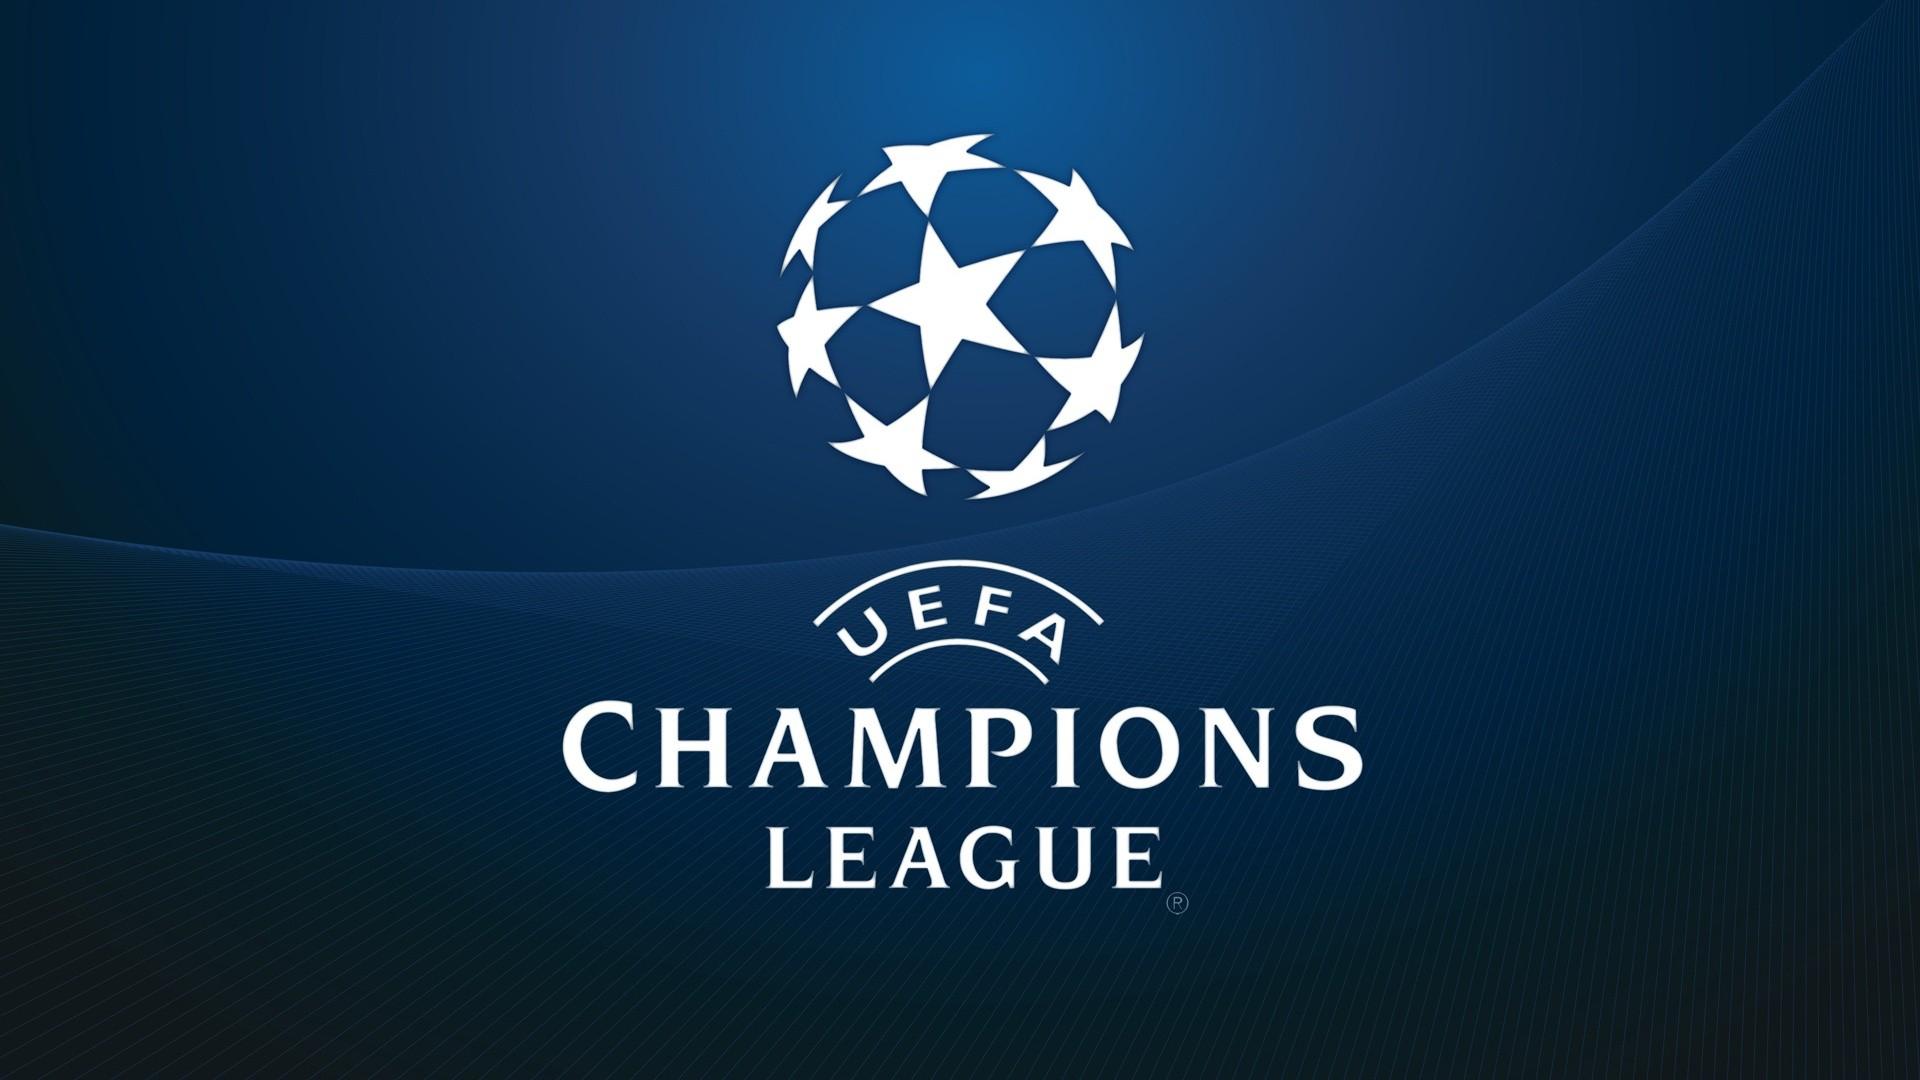 UEFAChampionsLeagueLogo-Getty2.jpg